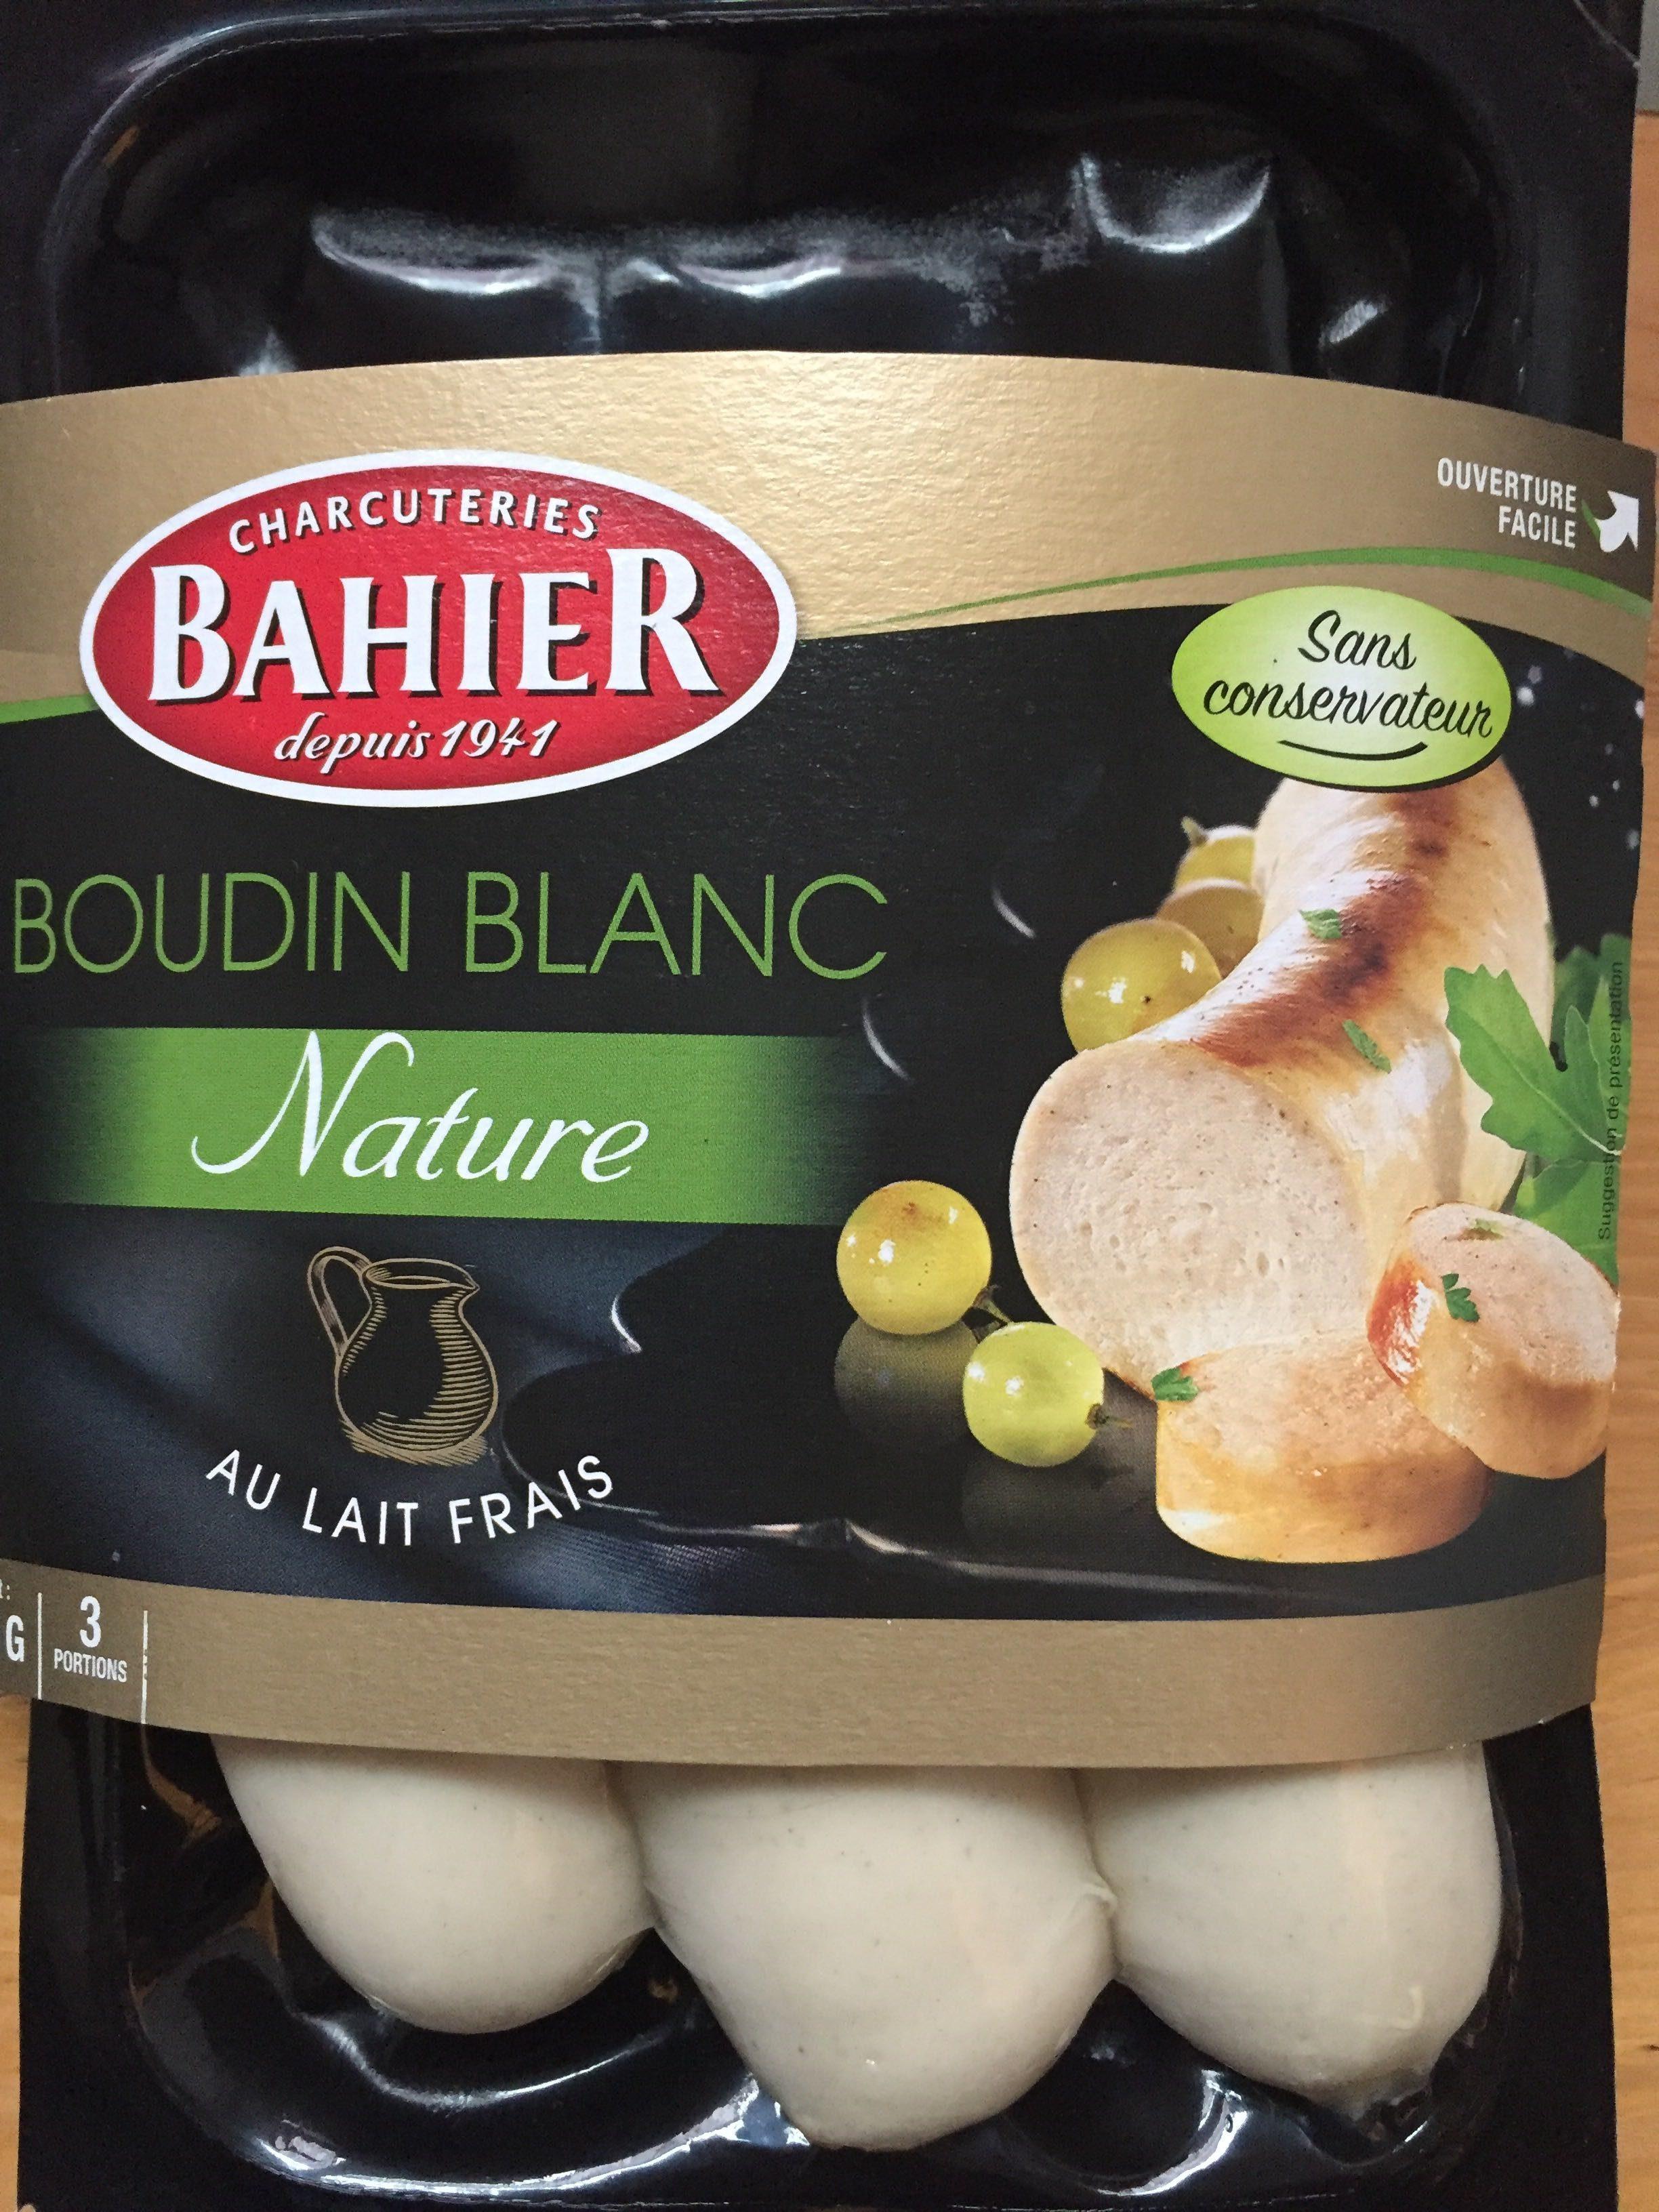 Boudin blanc nature au lait frais - Produit